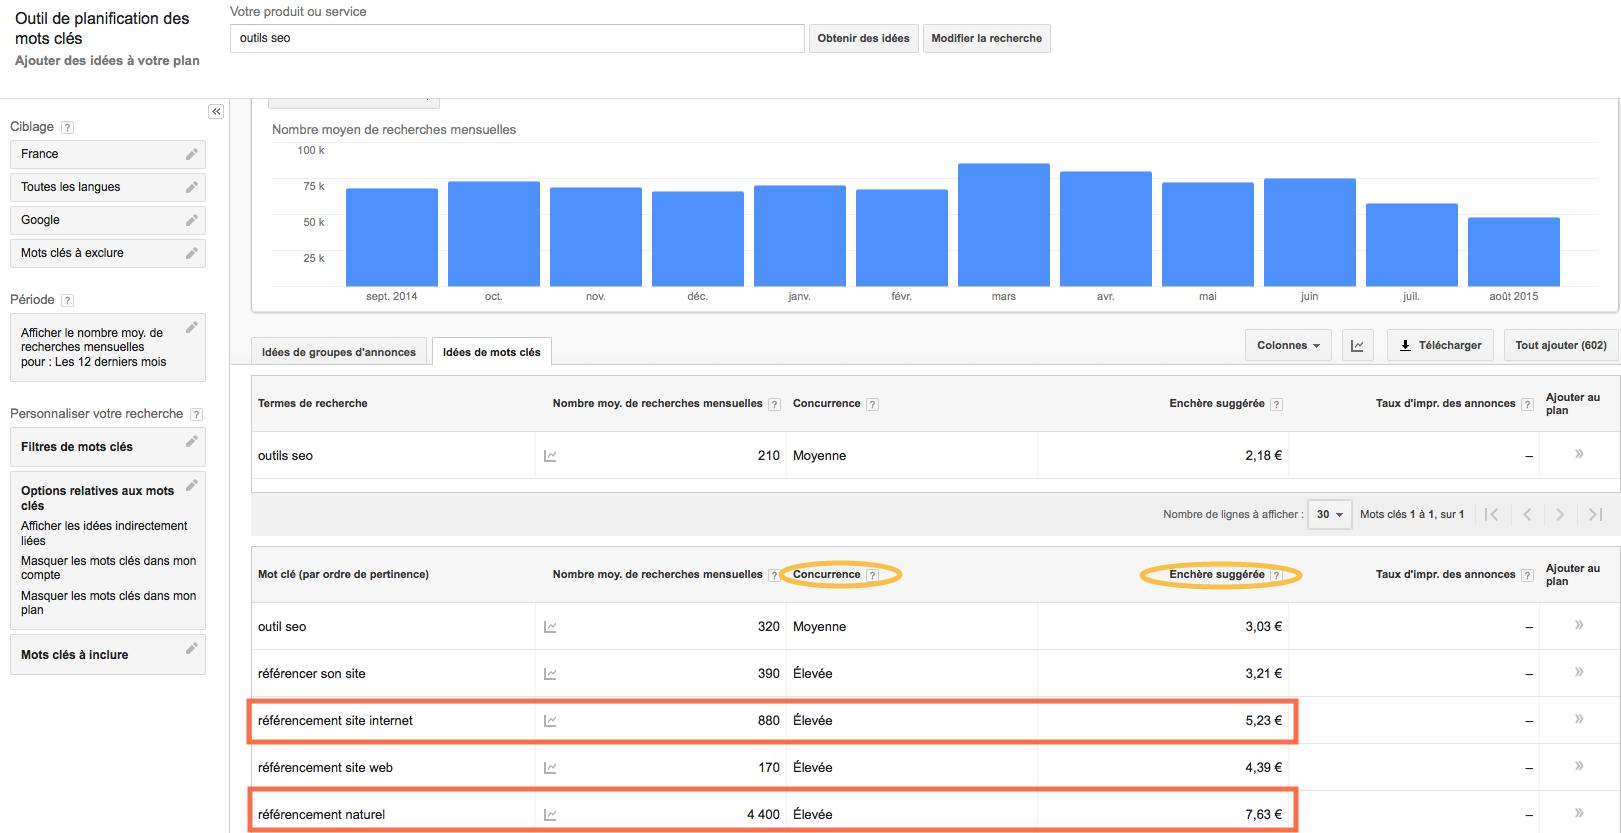 outil seo de planification des mots clés via le compte AdWords